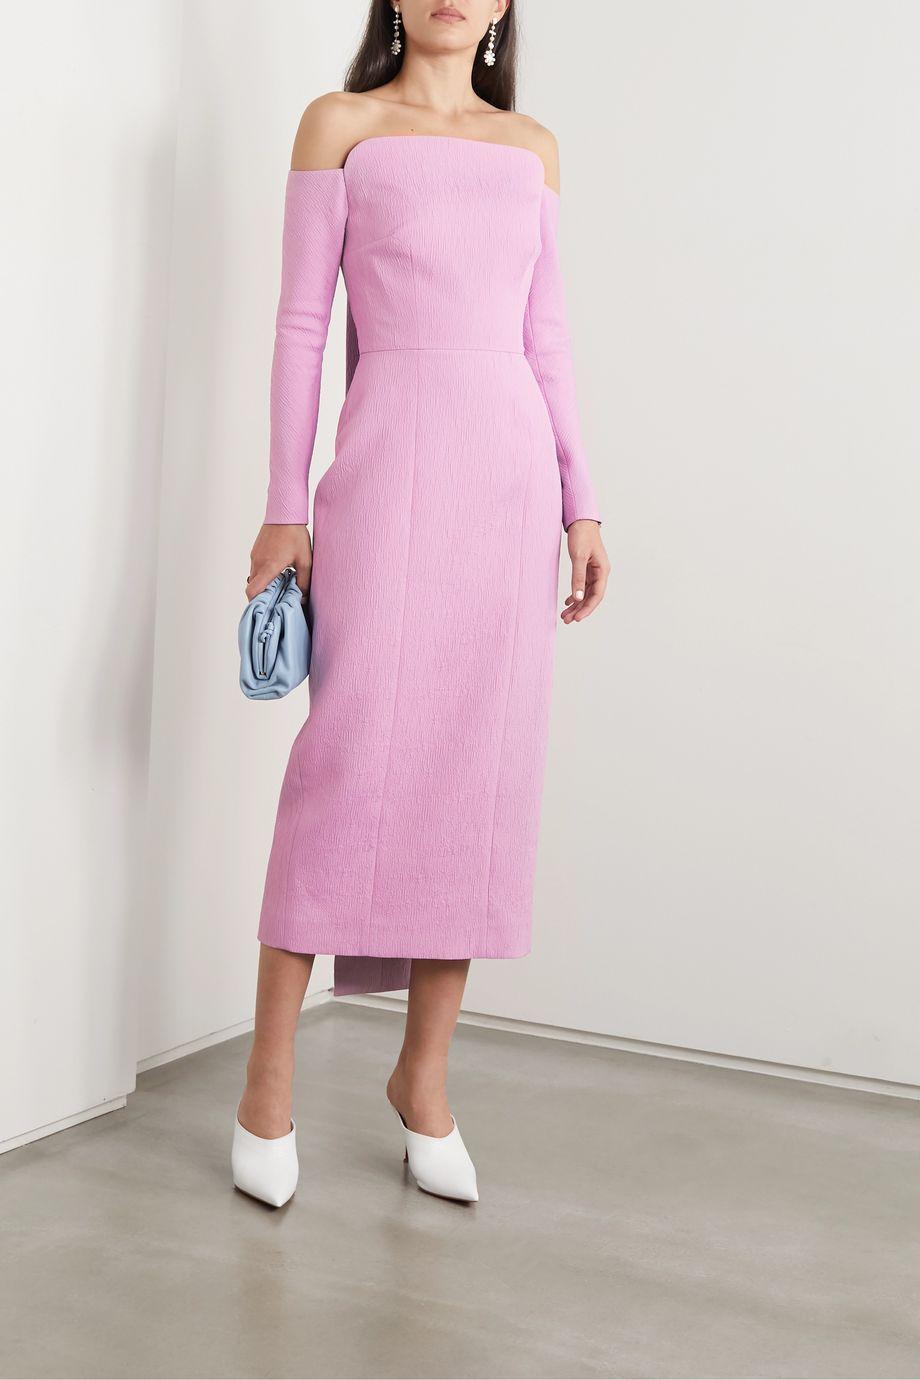 Emilia Wickstead Nolan off-the-shoulder cloqué midi dress